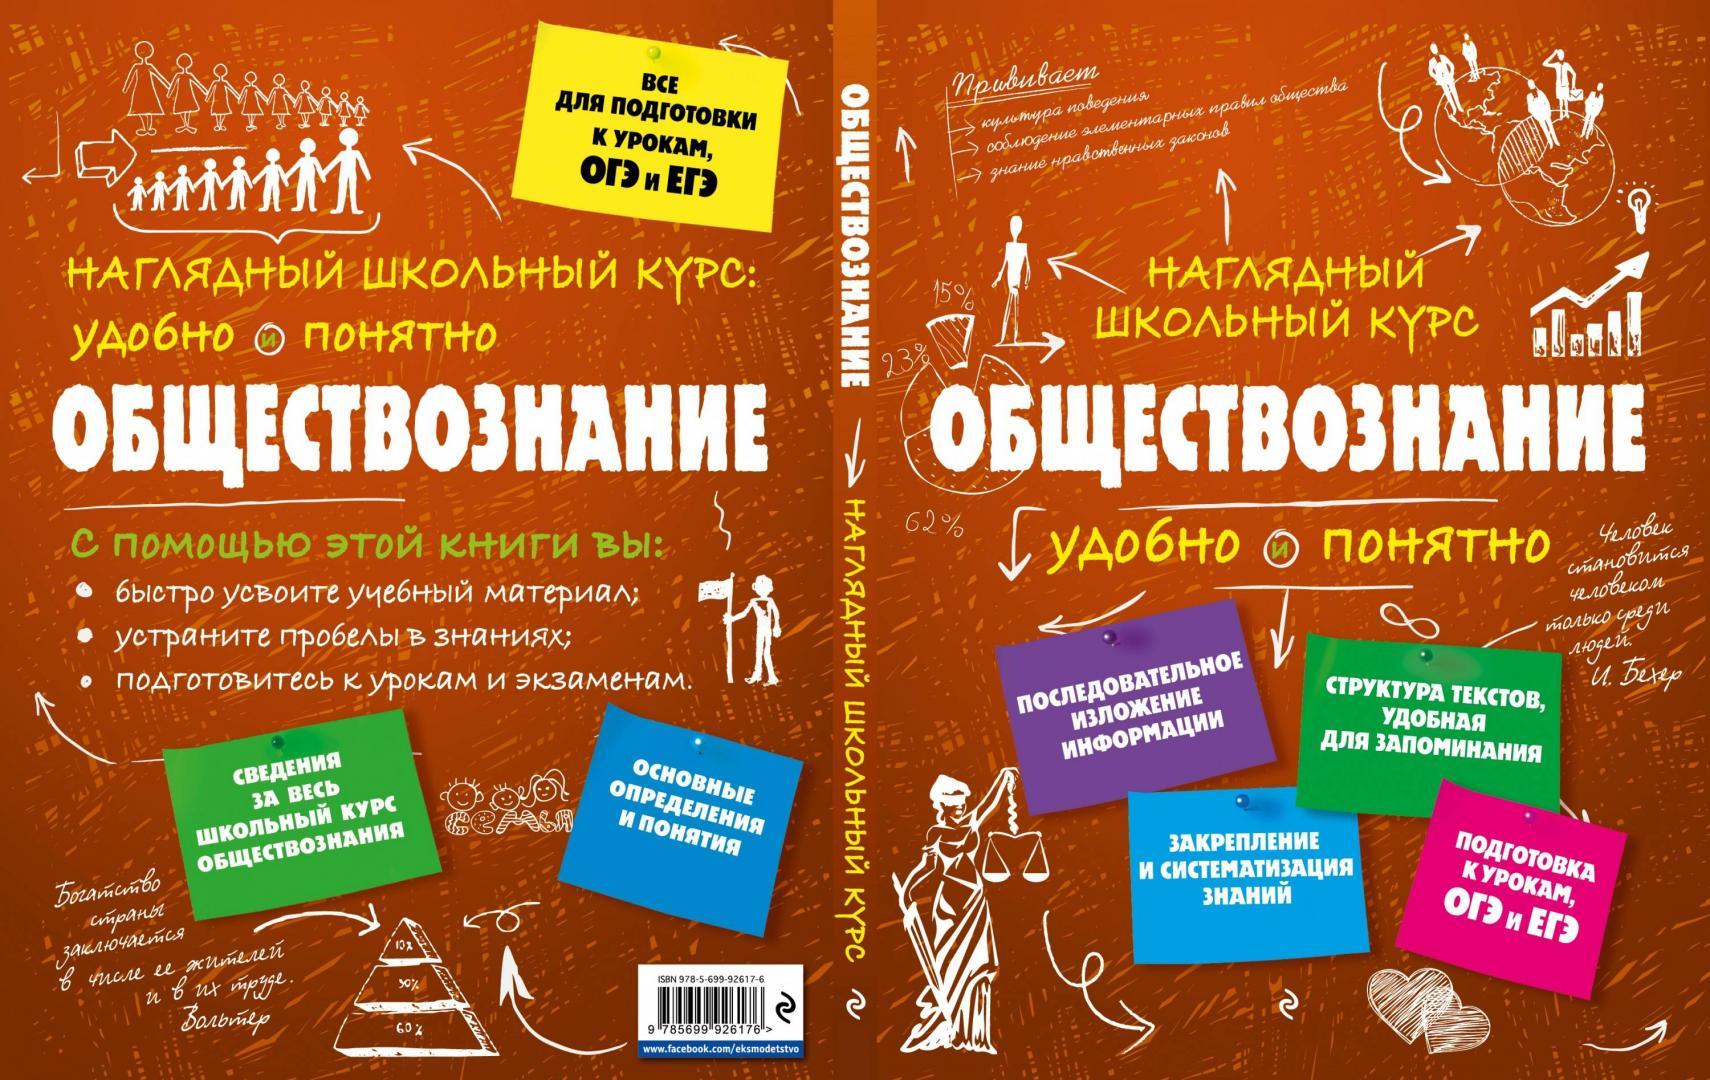 Иллюстрация 30 из 40 для Обществознание - Светлана Гришкевич | Лабиринт - книги. Источник: Редактор этой книги